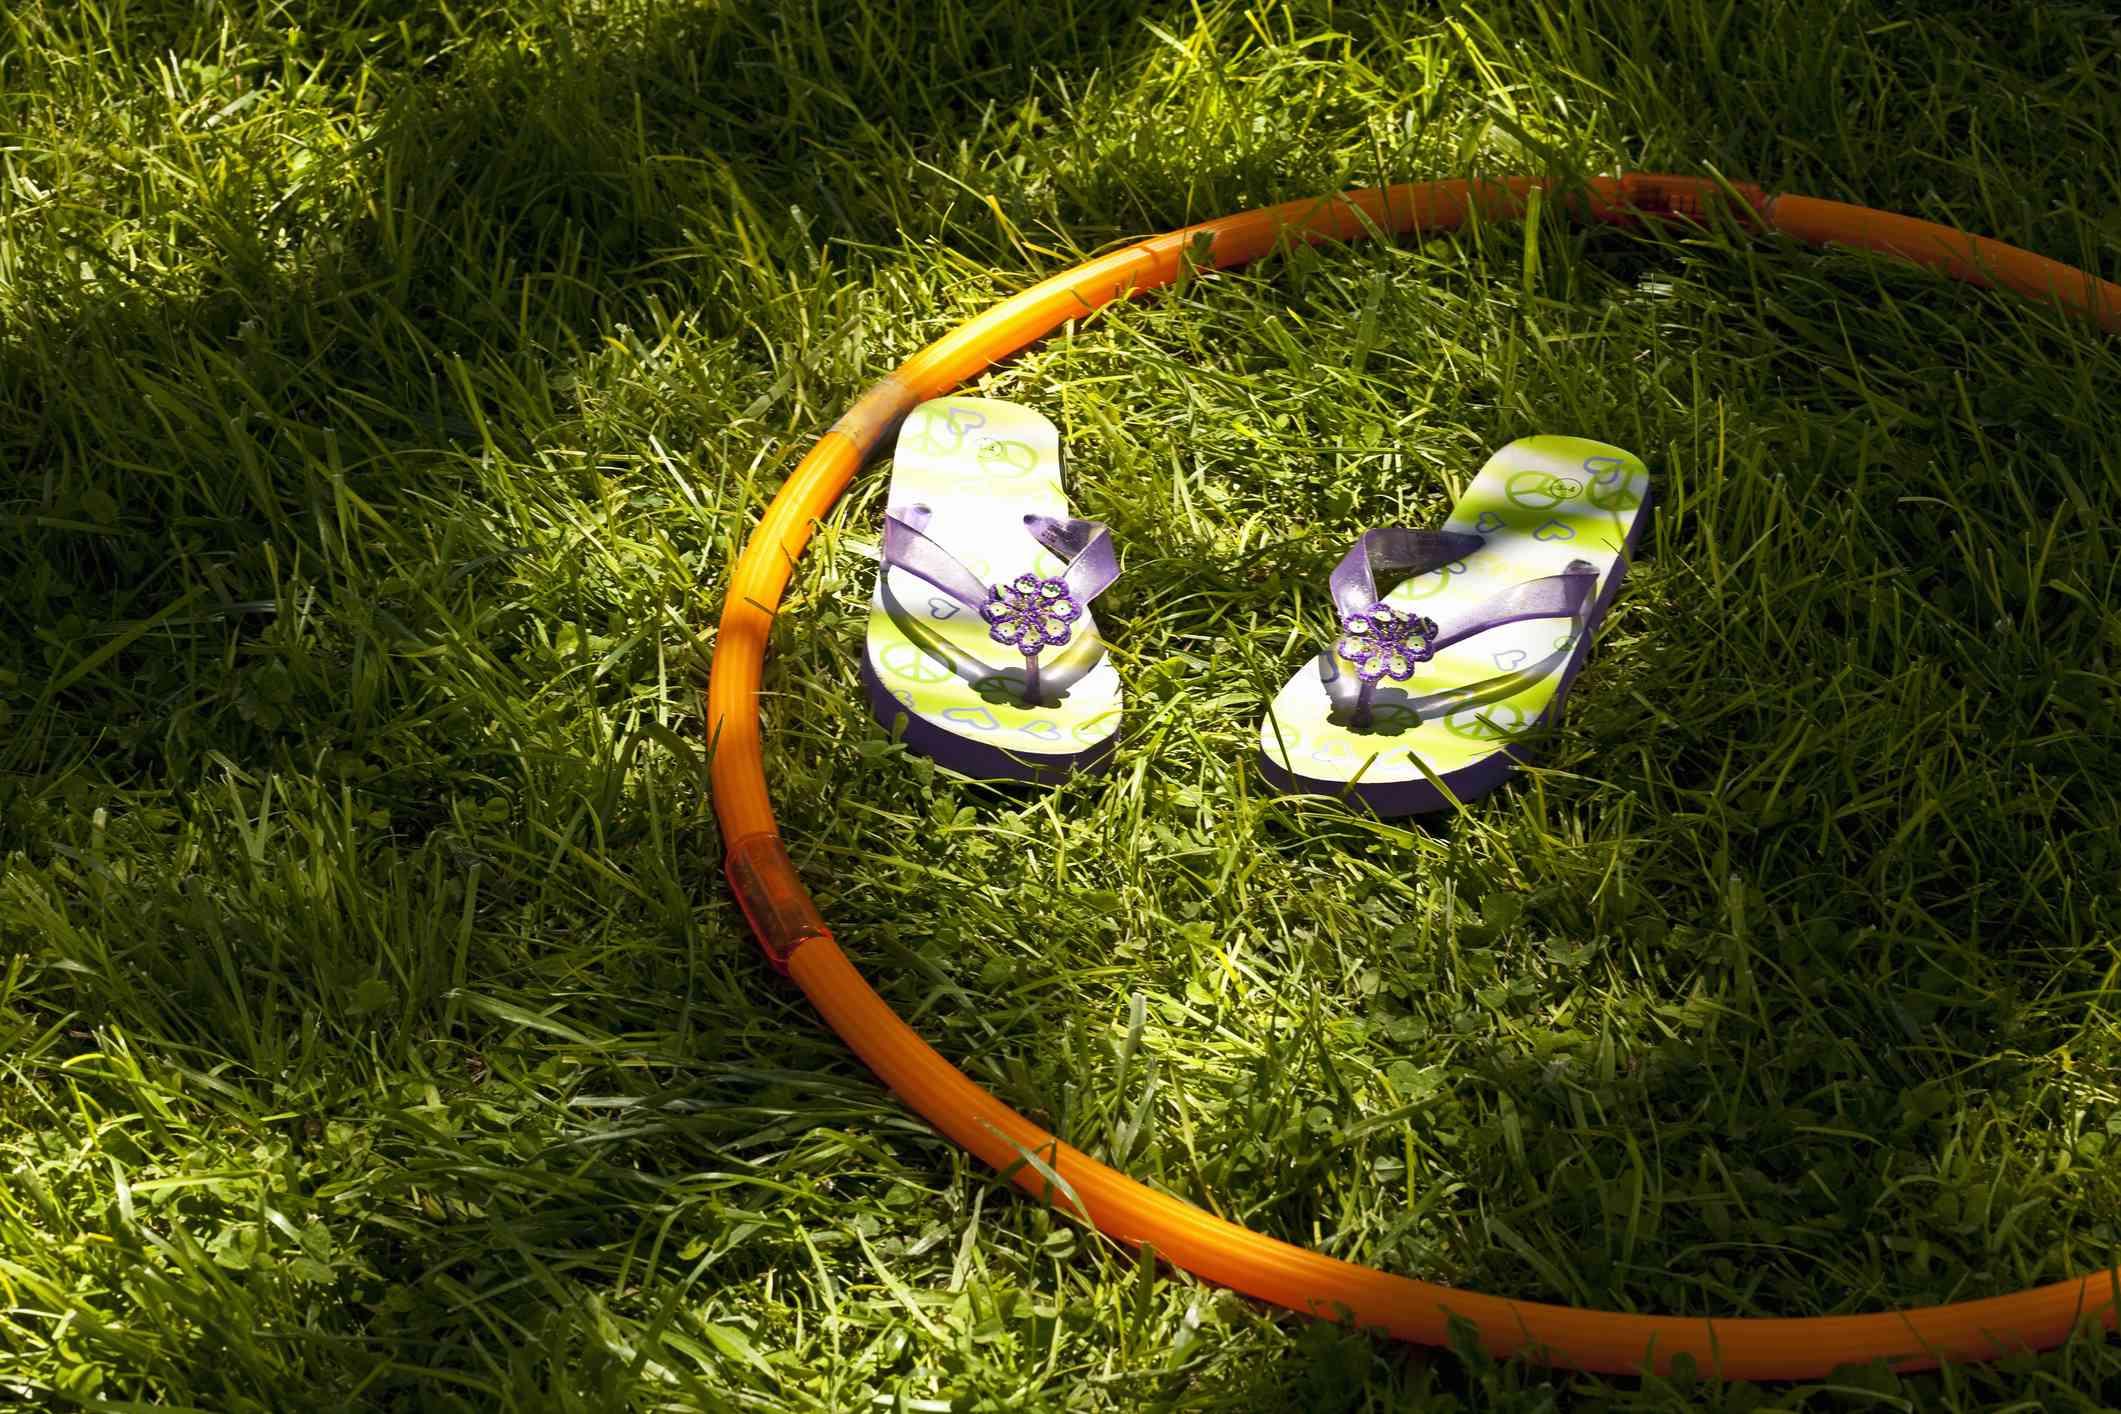 Girls sandals & hula hoop on grass